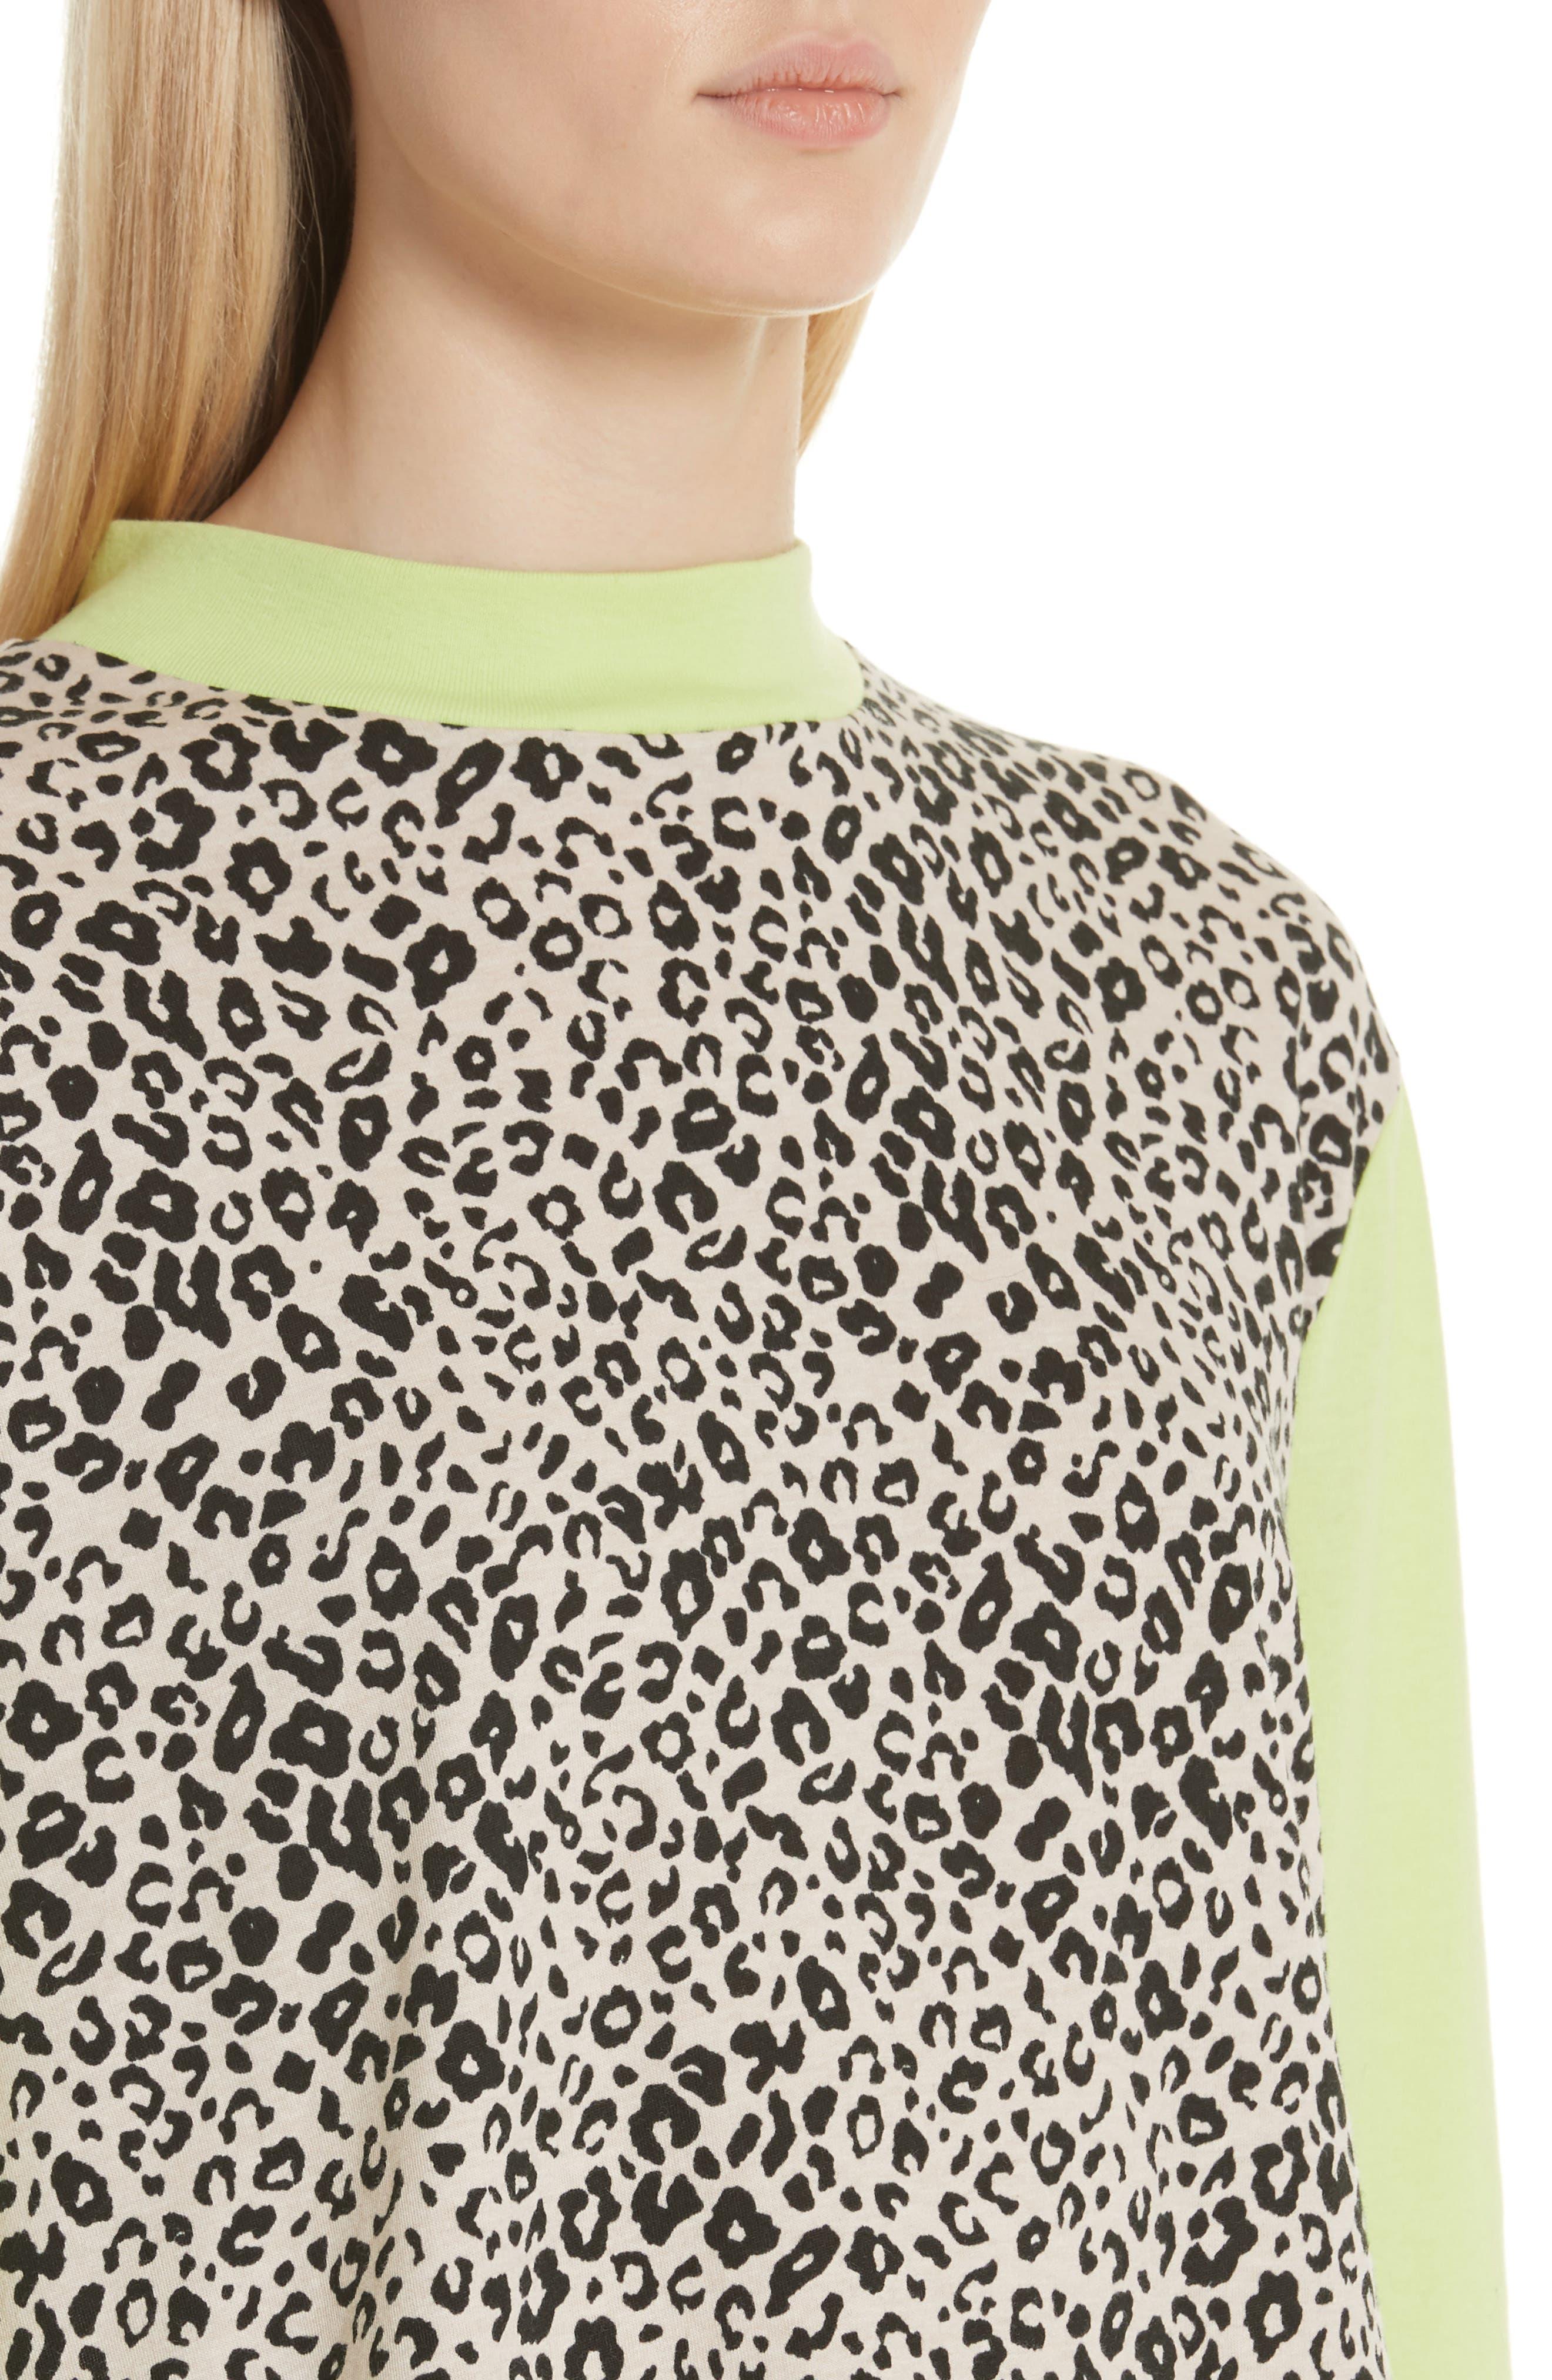 Lewis Leopard & Neon Sweater,                             Alternate thumbnail 4, color,                             SNOW LEOPARD